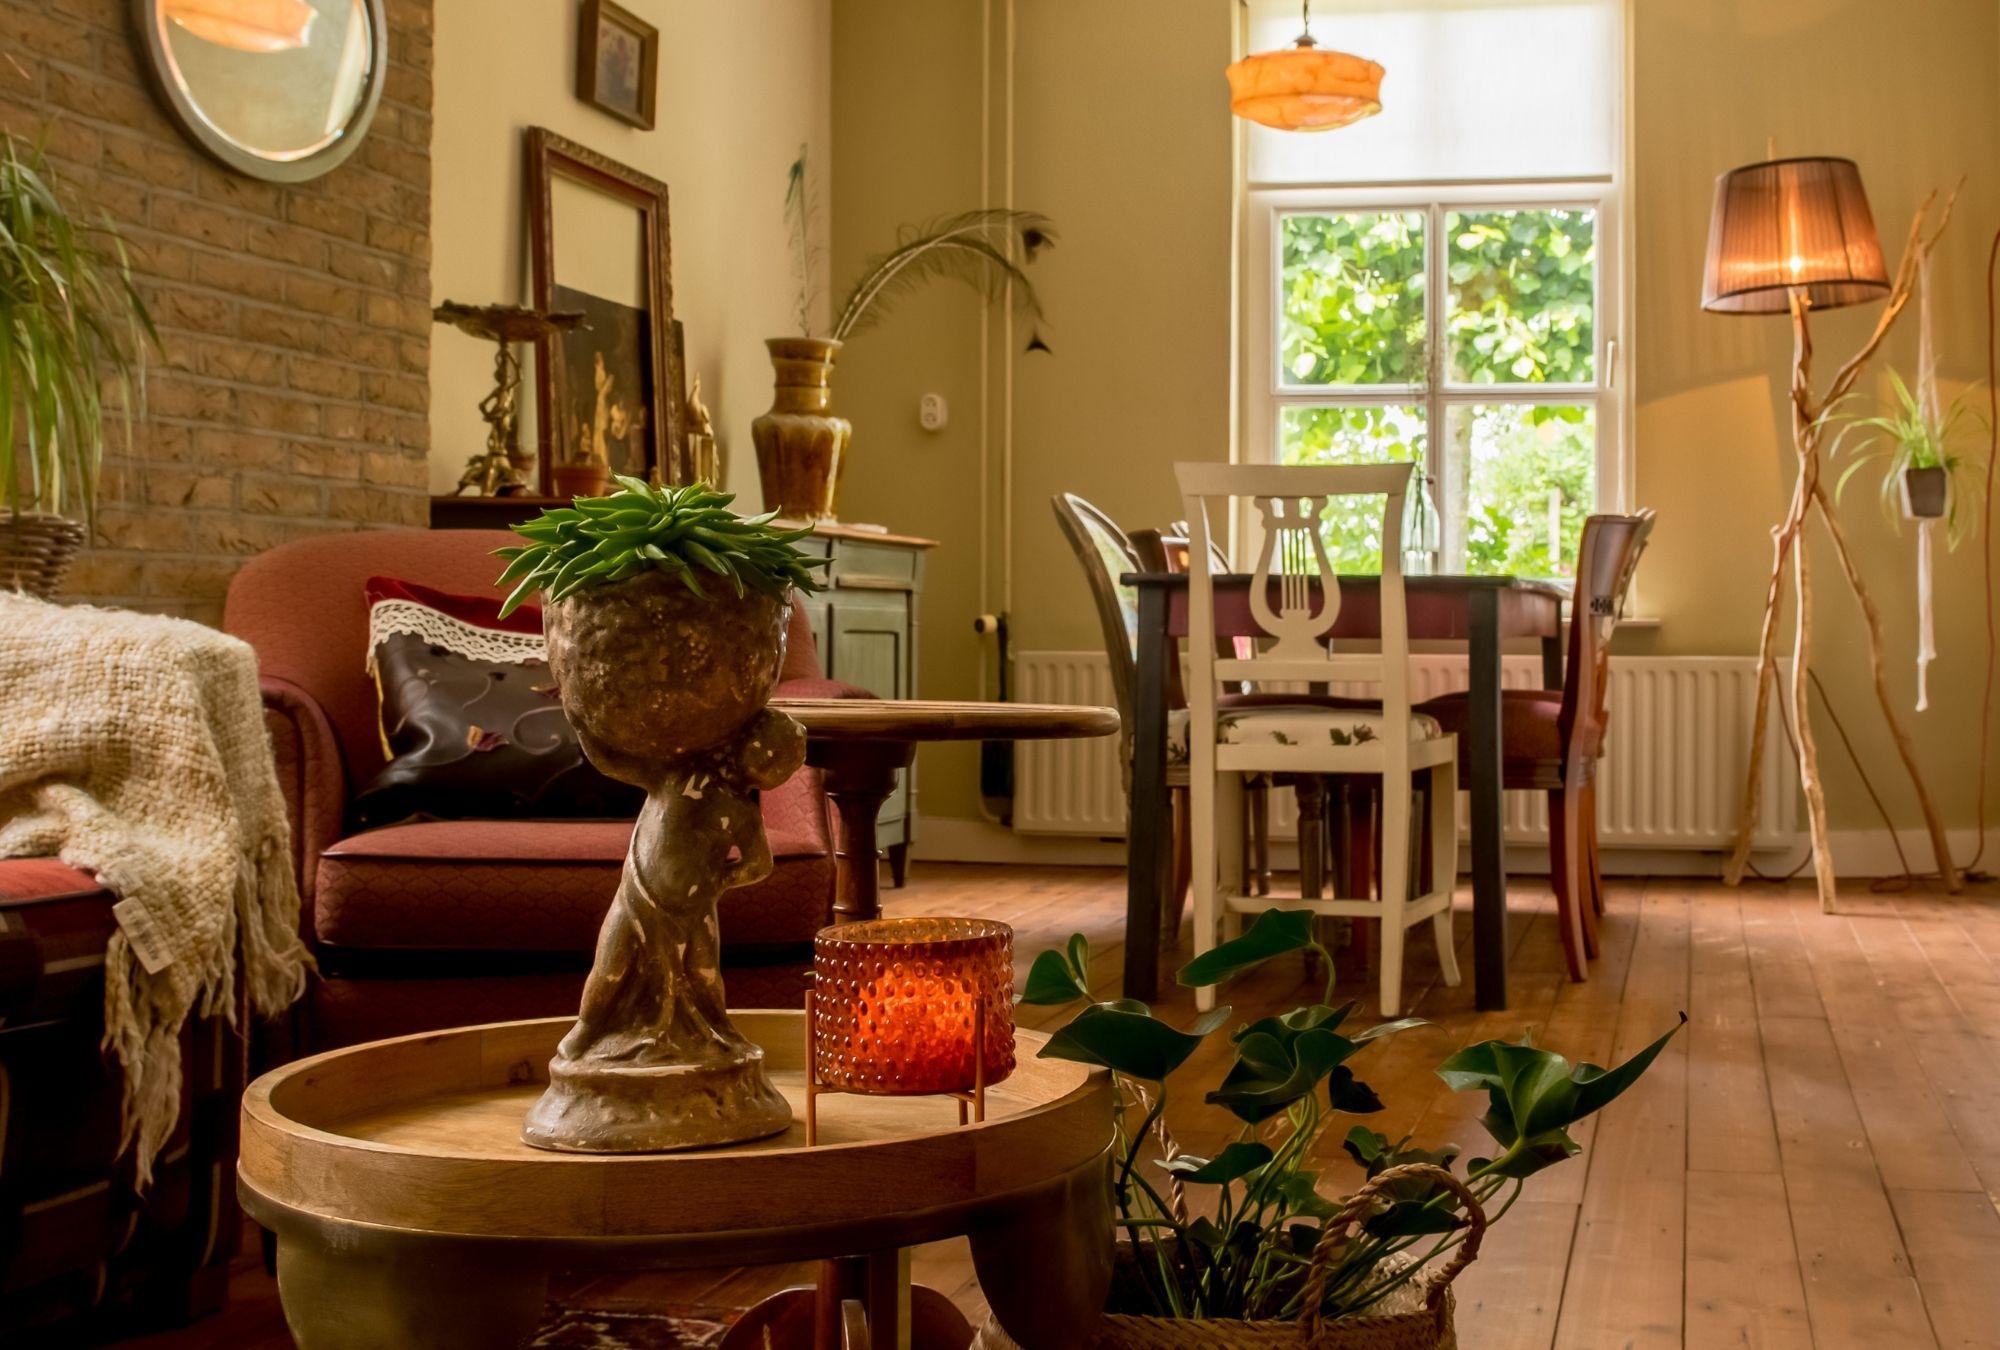 Huiskamer - Gastenverbijf het voorhuis